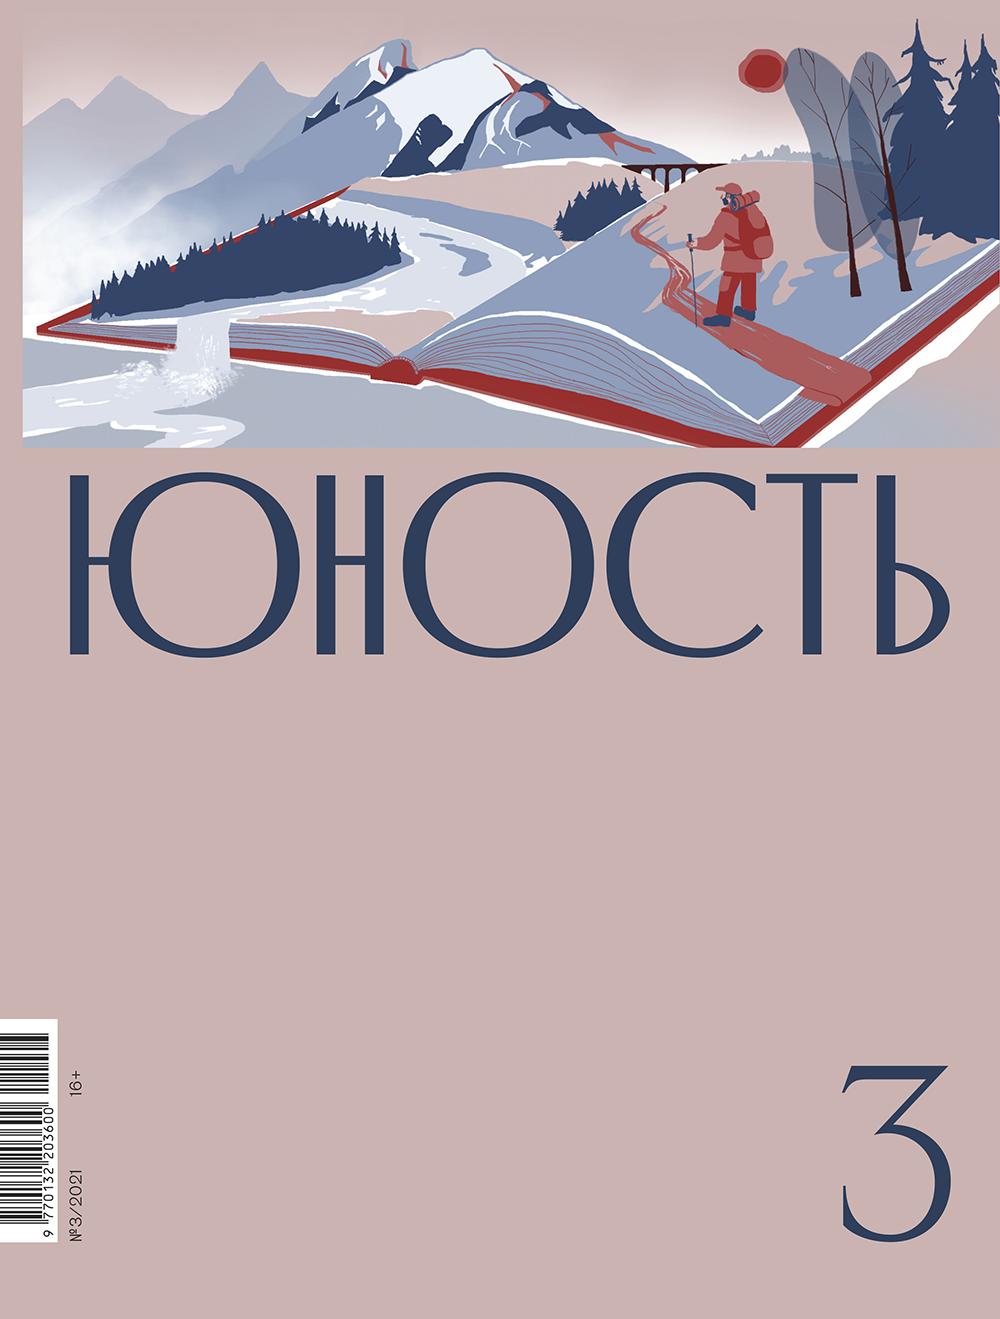 Содержание мартовского номера журнала «Юность»